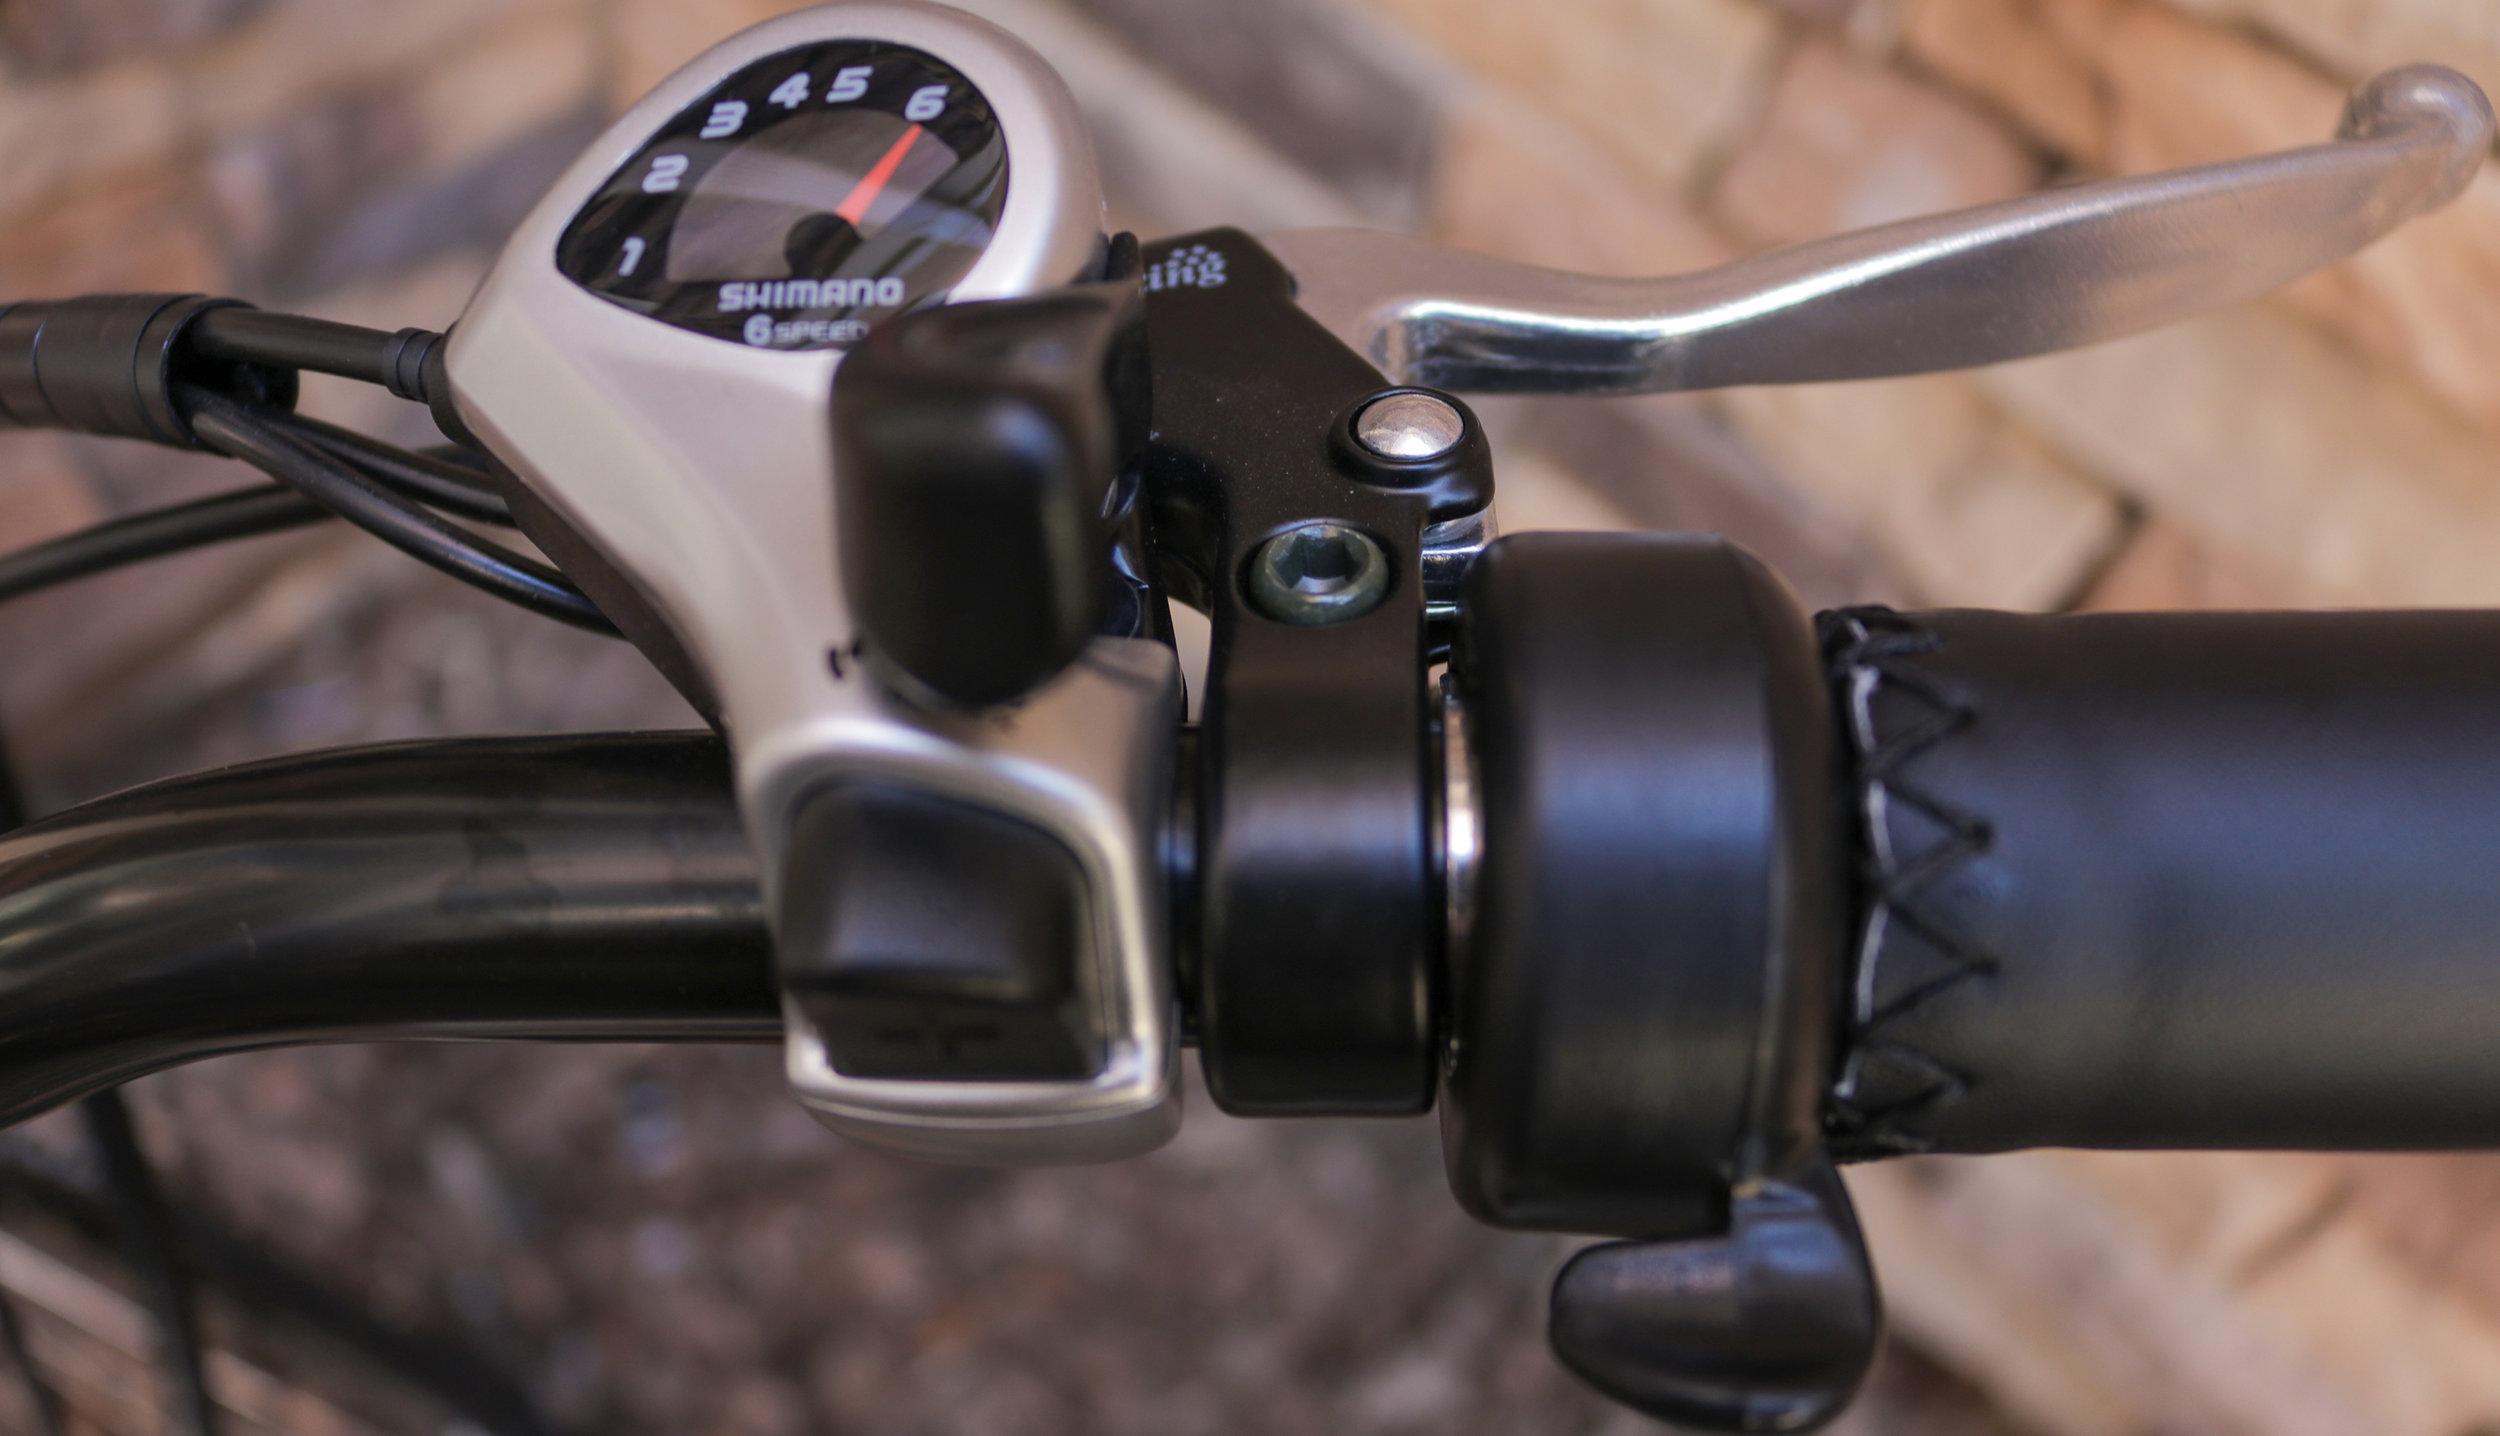 electrified-reviews-wave-electric-bike-review-shimano-shifter-throttle.jpg